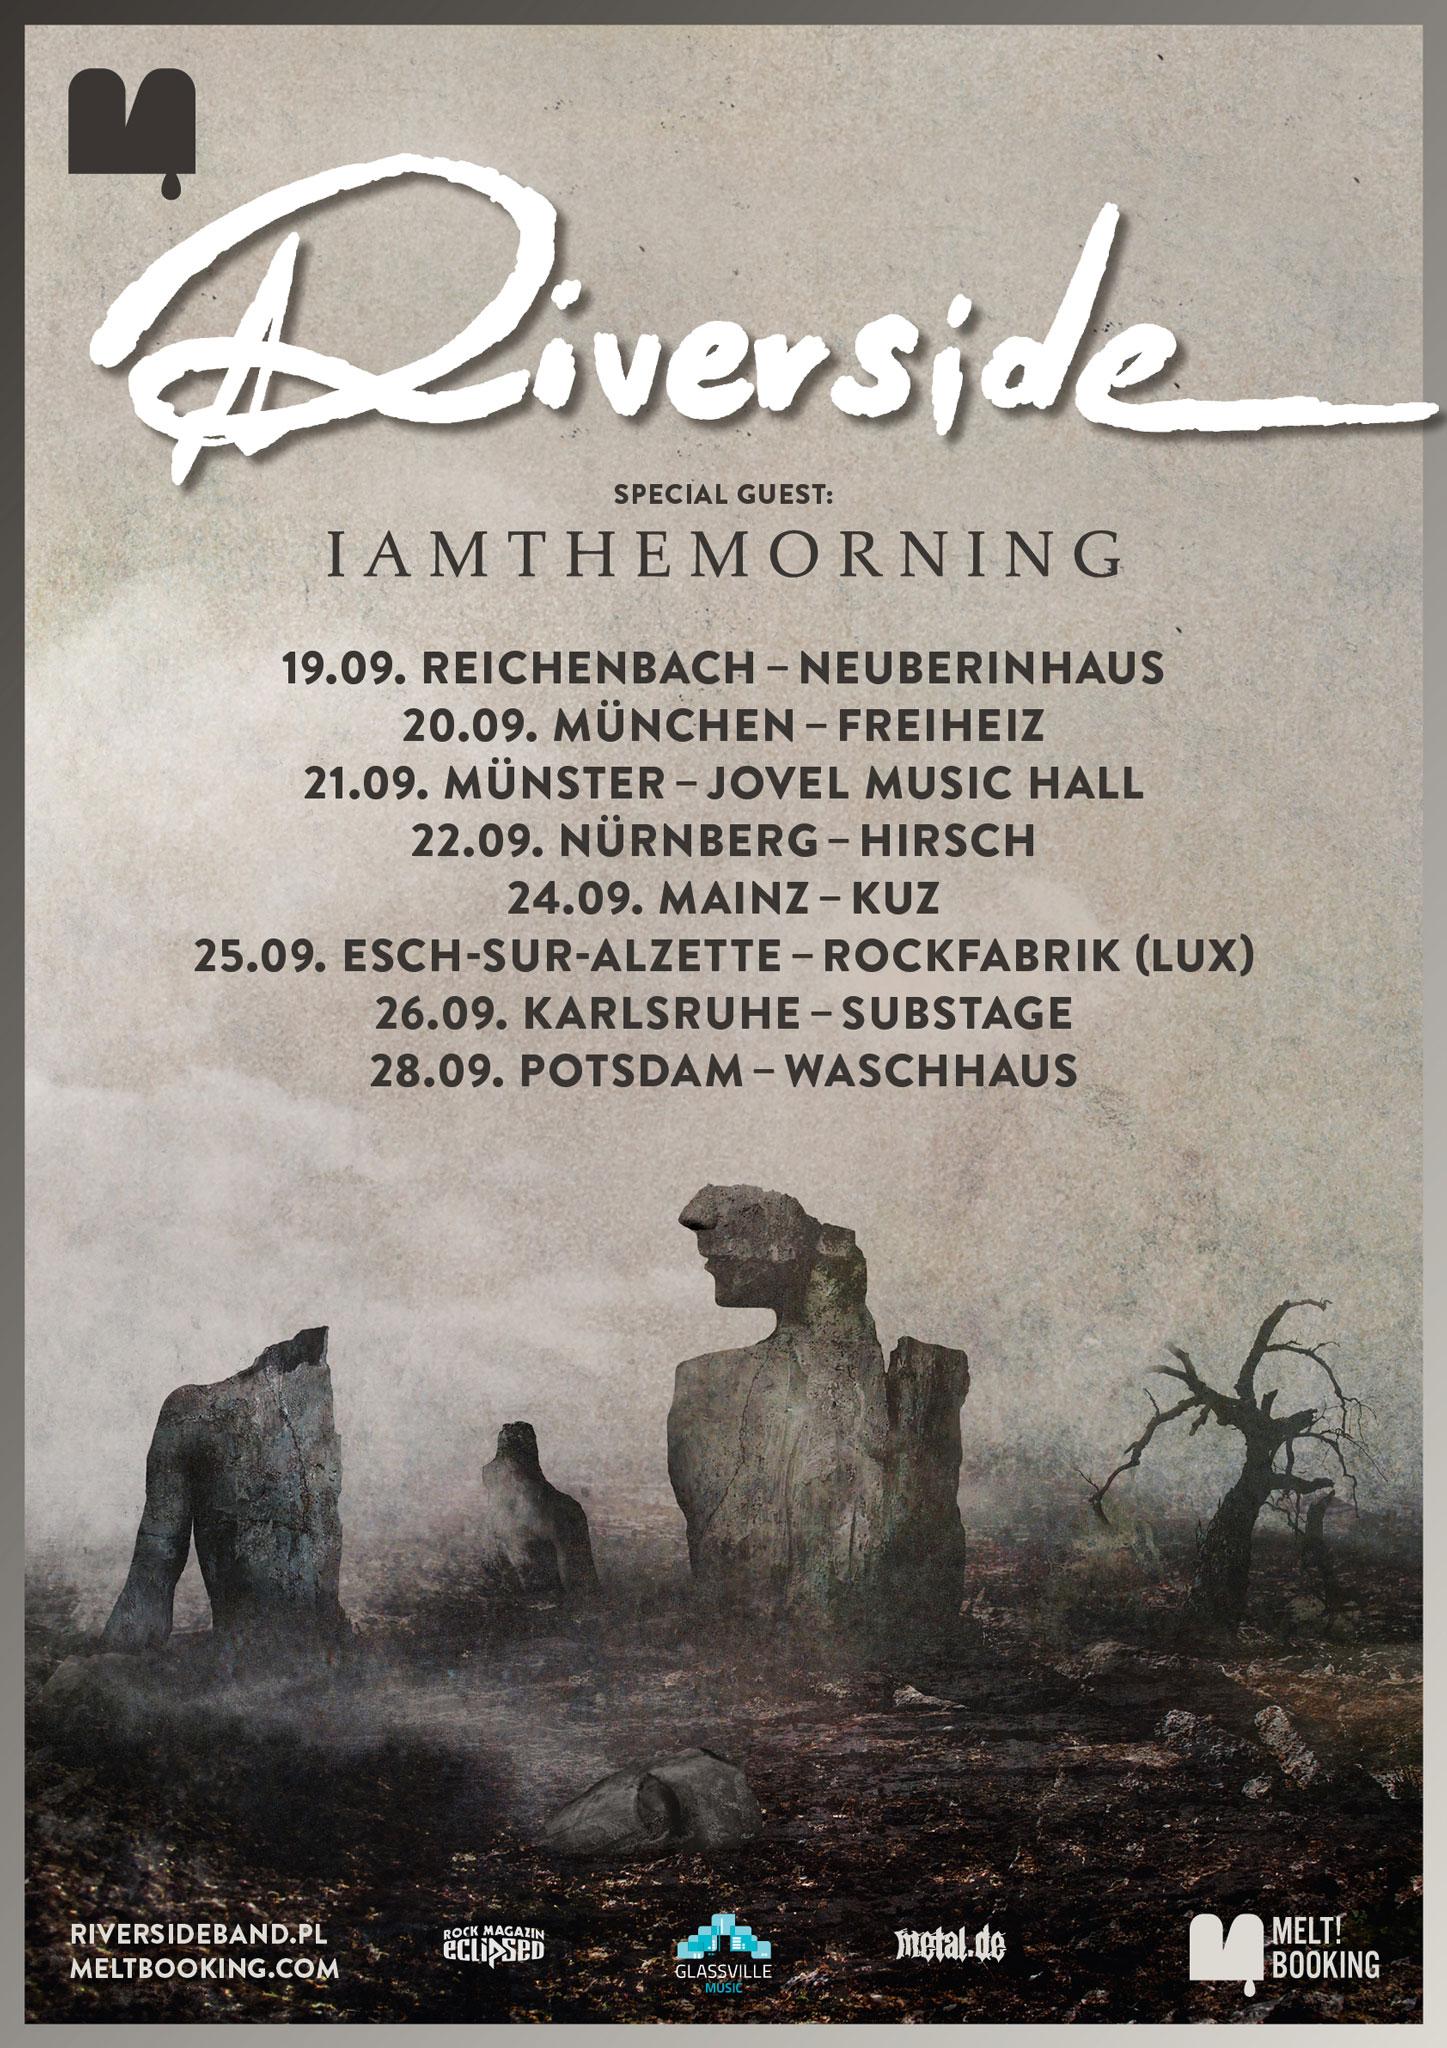 Tourposter Riverside Tour 2019